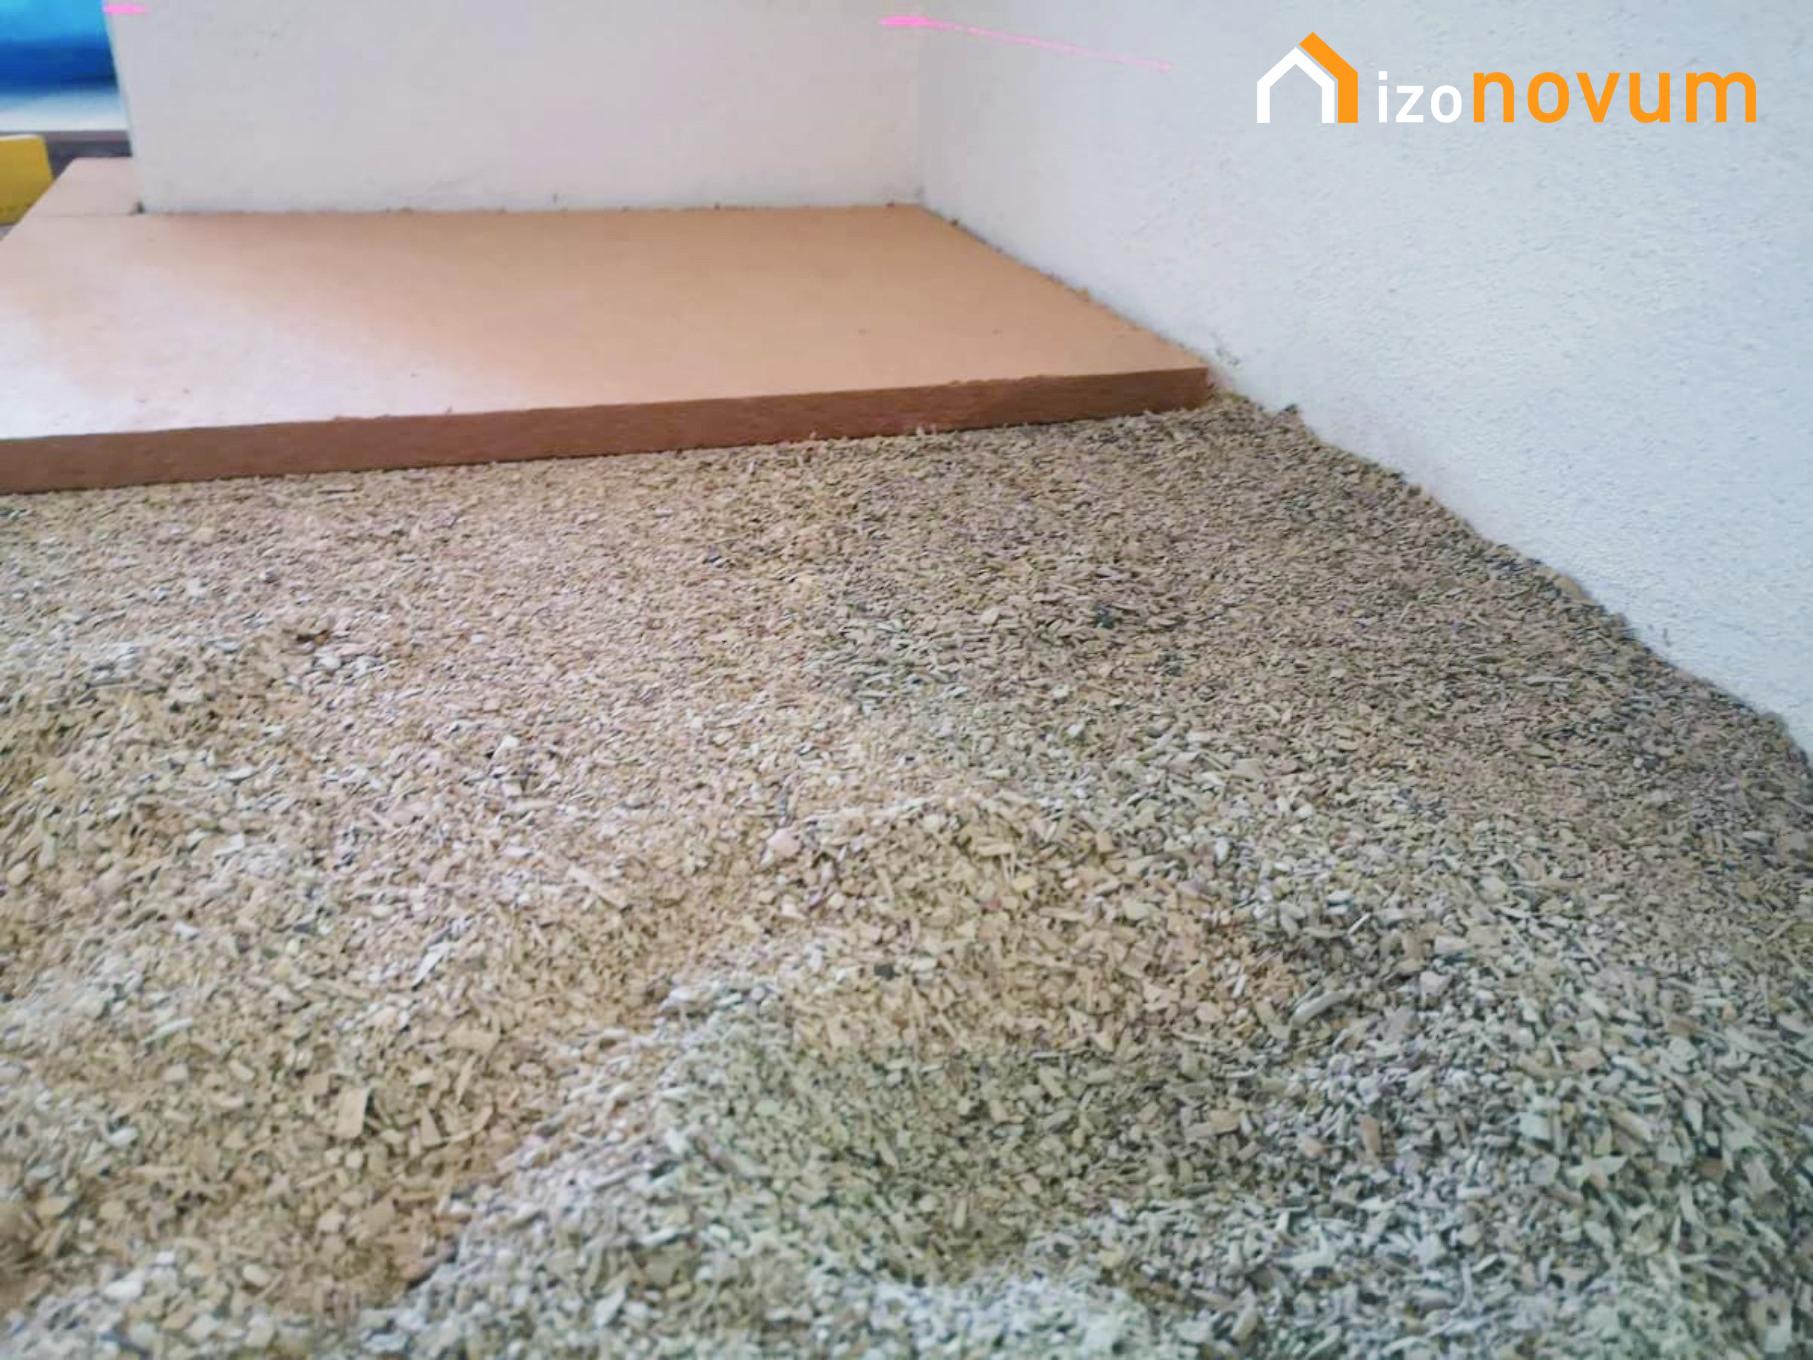 Ako vyrovnať podlahu rýchlo a jednoducho